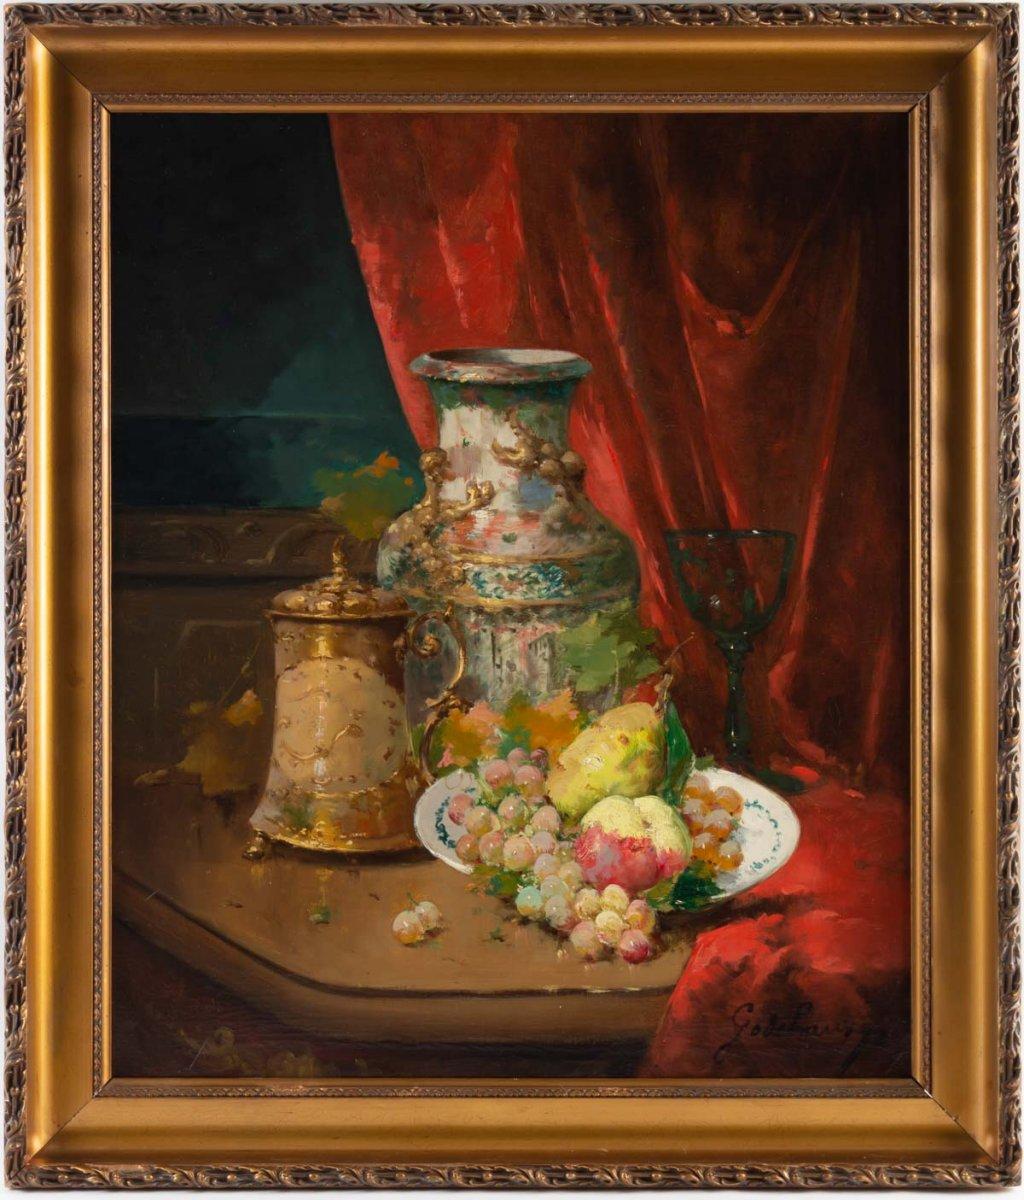 Emile Godchaux (1860 - 1938) : Assiette De Fruits Au Vase De Chine.